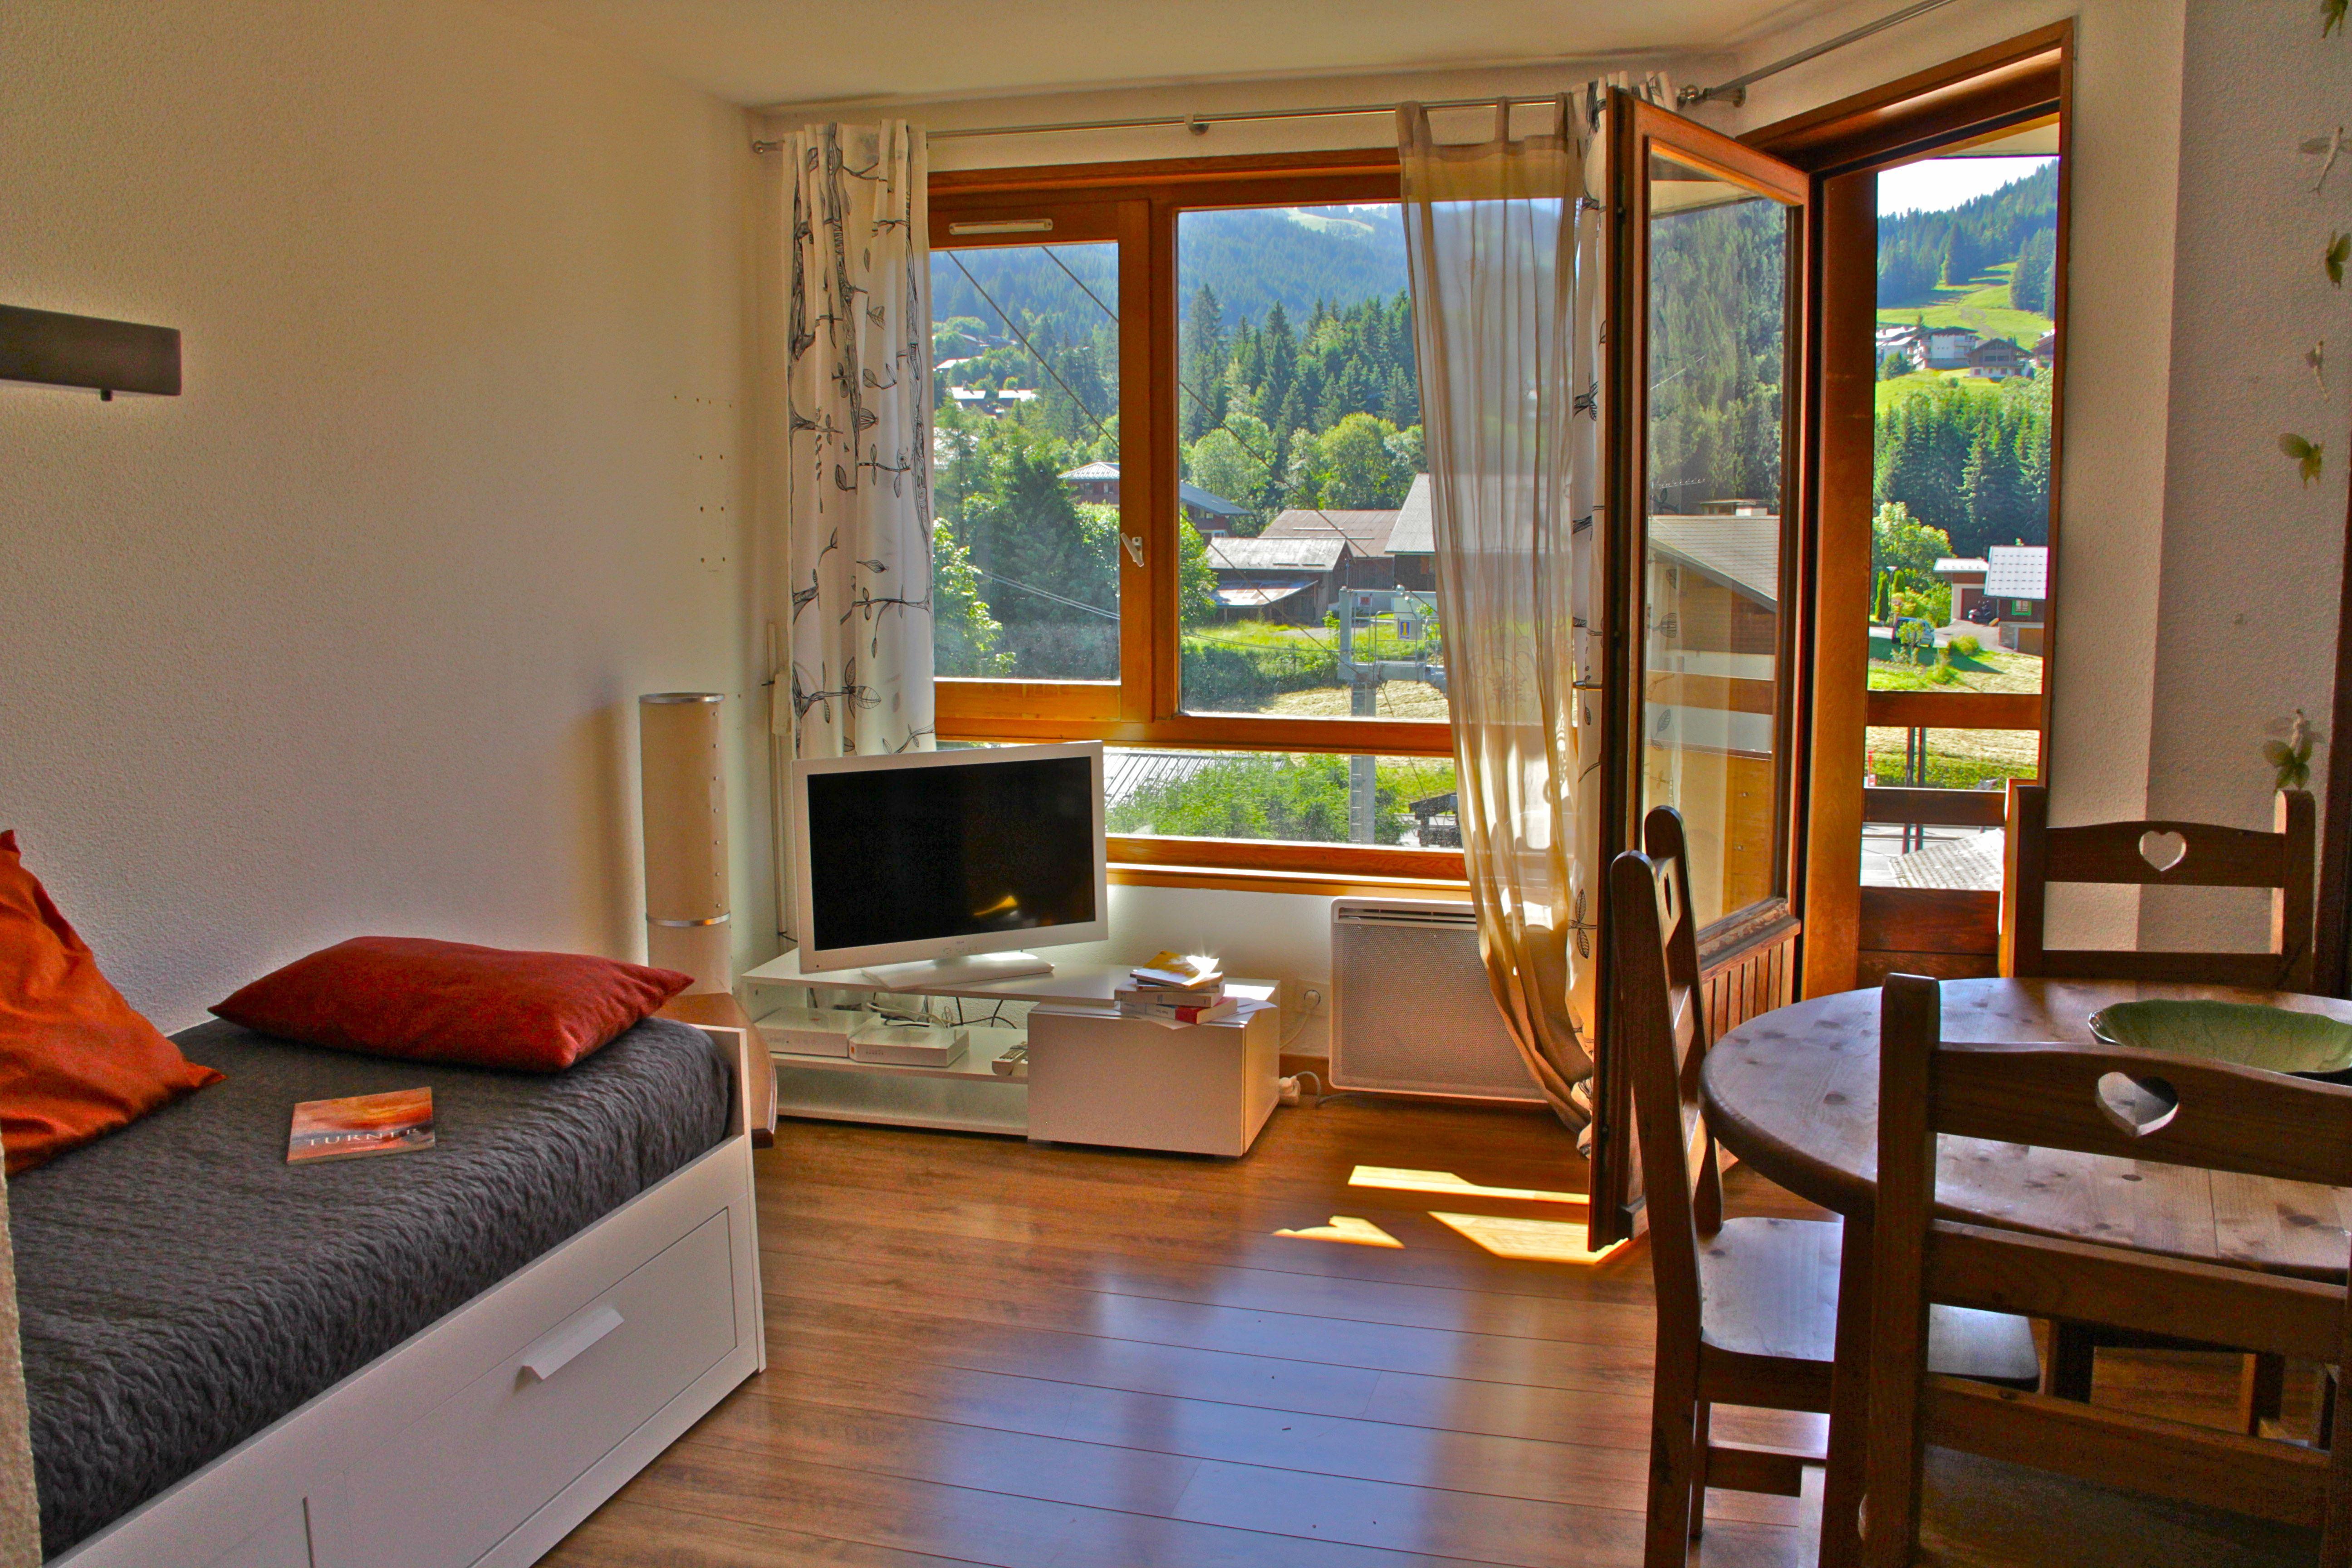 Bouillandire A7 - 1 спальная комната*** - 4 человека - 31 м²